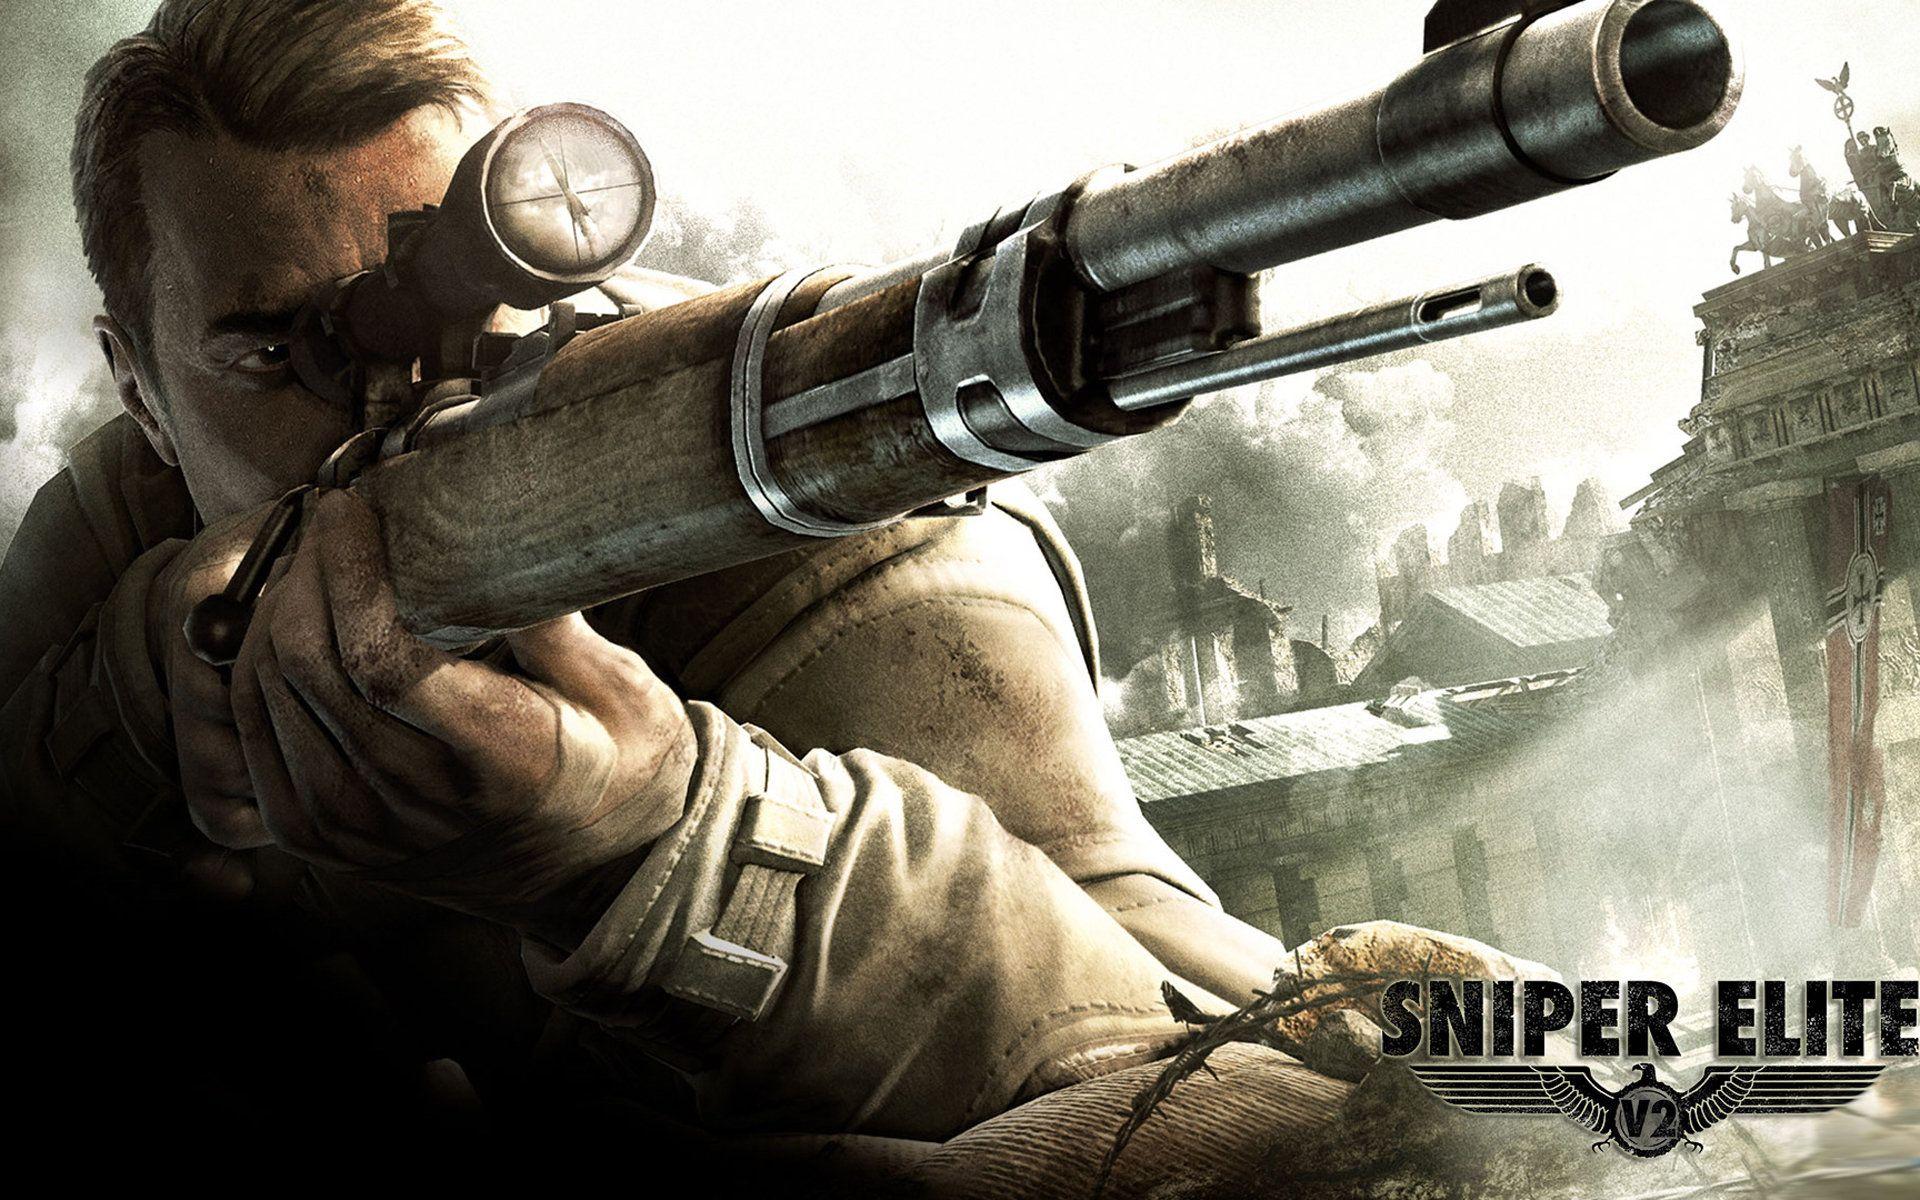 Sniper Elite V2 Wallpapers   Top Sniper Elite V2 Backgrounds 1920x1200